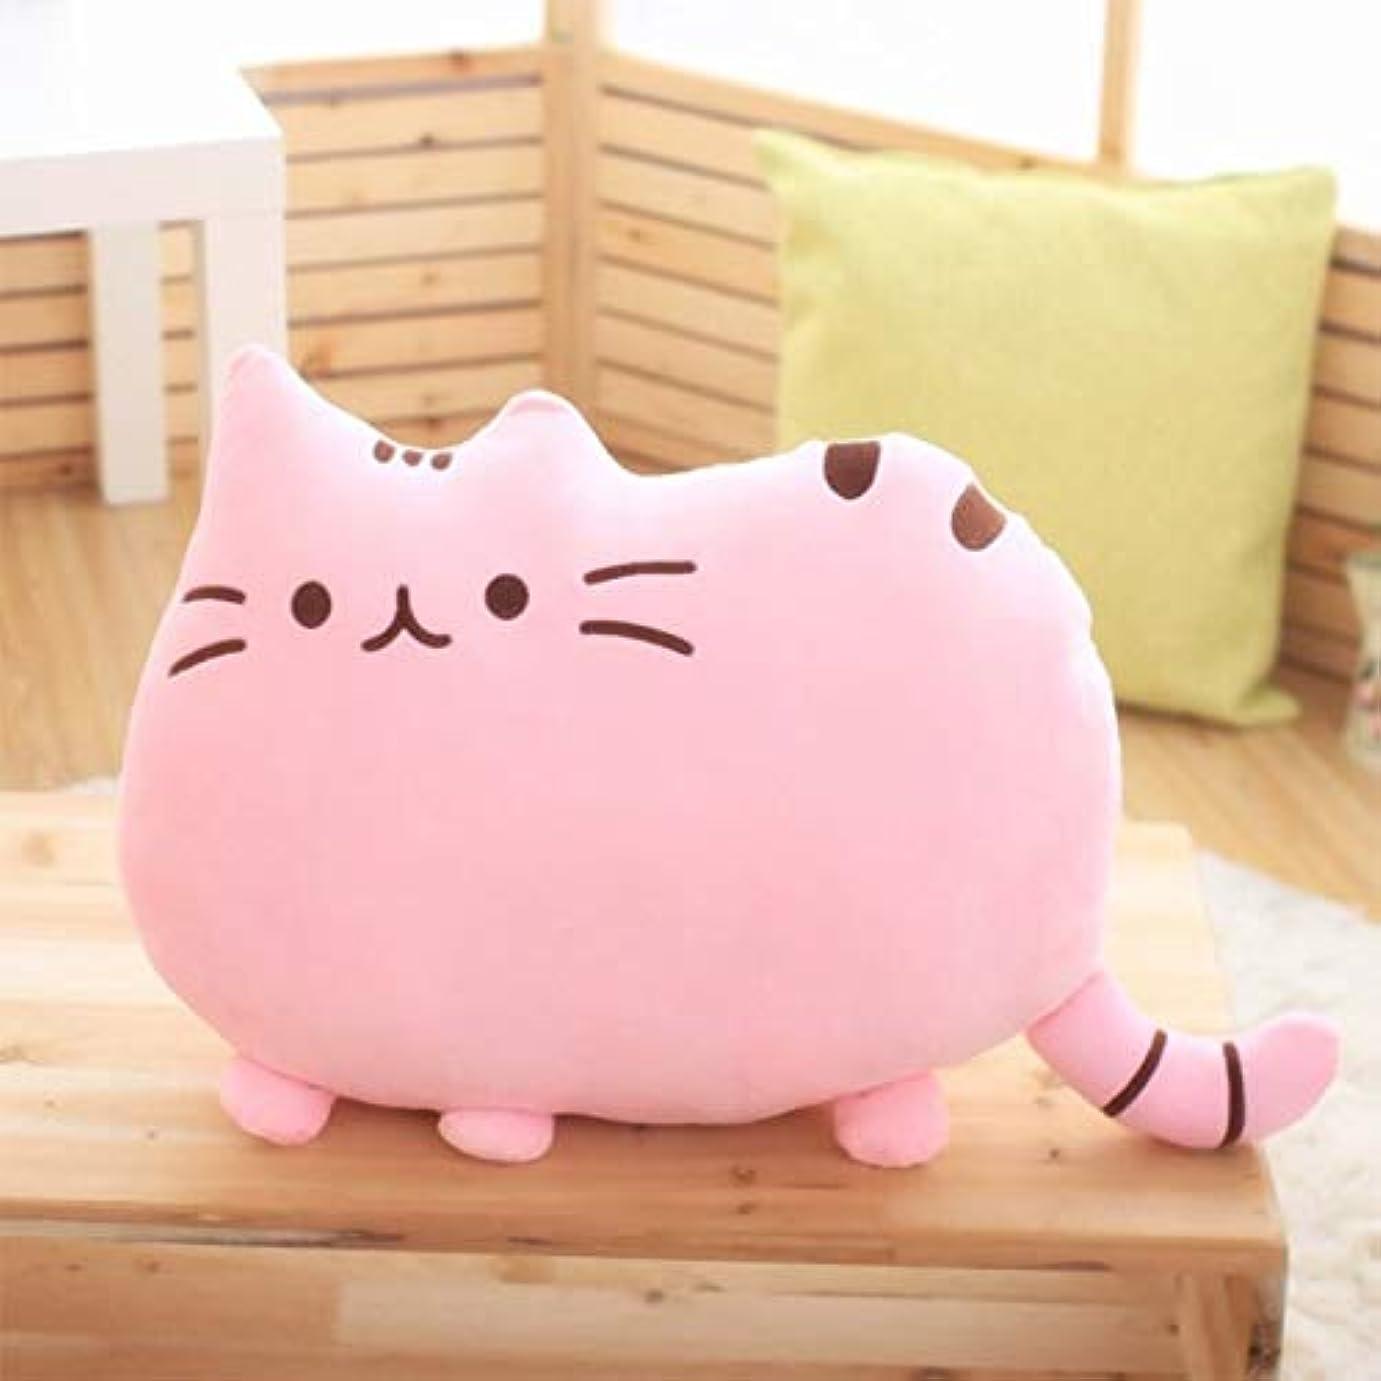 序文スペルどうやってLIFE8 色かわいい脂肪猫ベビーぬいぐるみ 20/40 センチメートル枕人形子供のための高品質ソフトクッション綿 Brinquedos 子供のためのギフトクッション 椅子